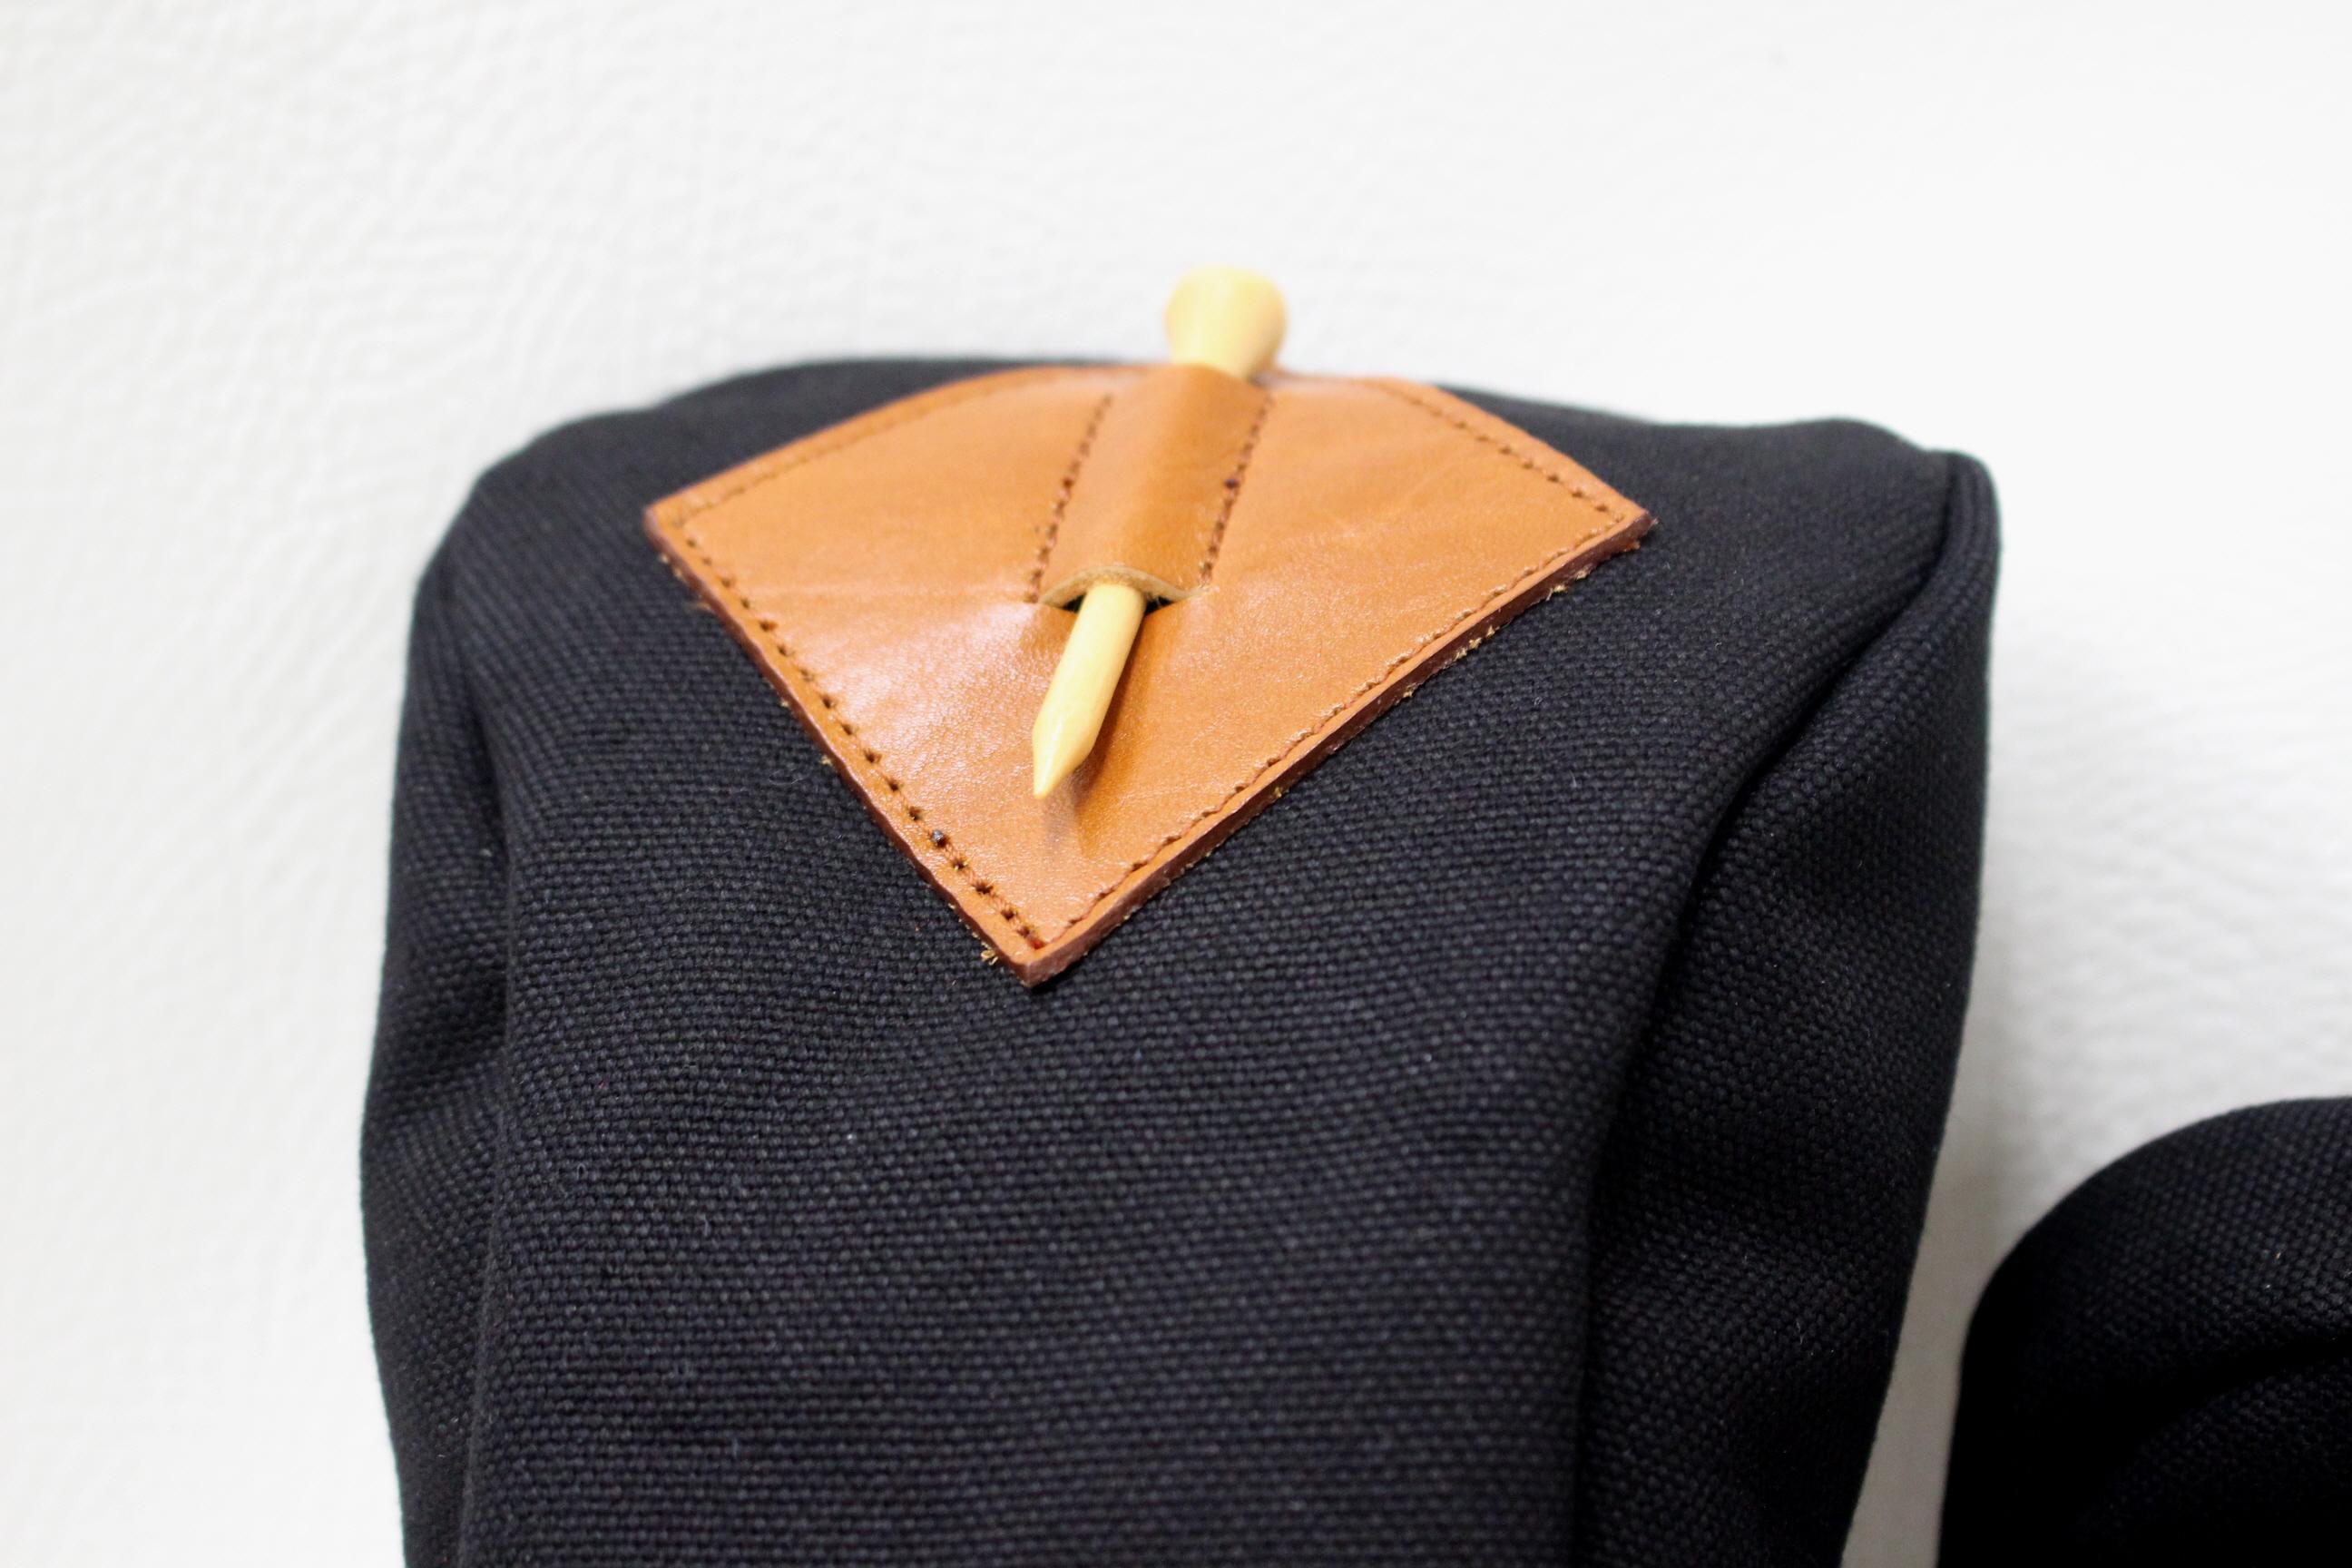 キャメルレザー×ブラック帆布